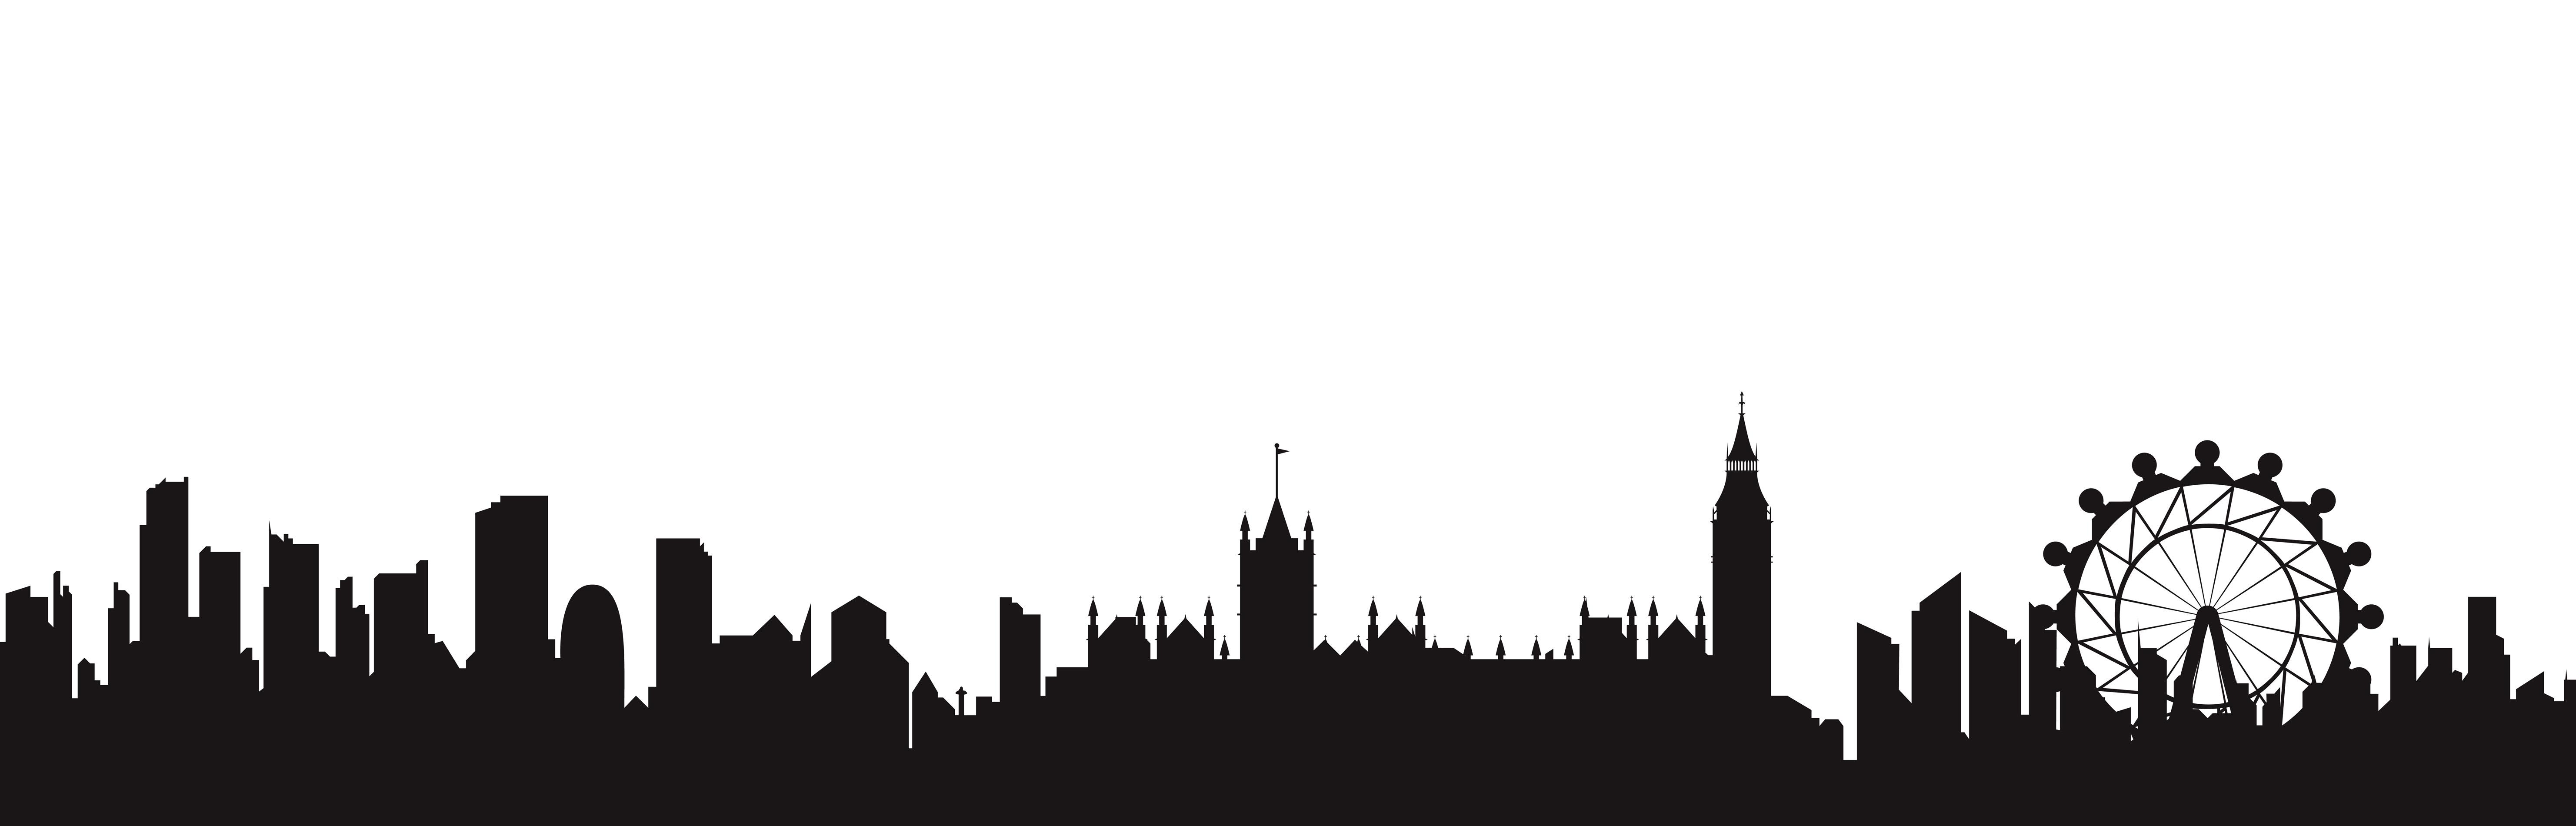 Big Ben clipart study abroad #14